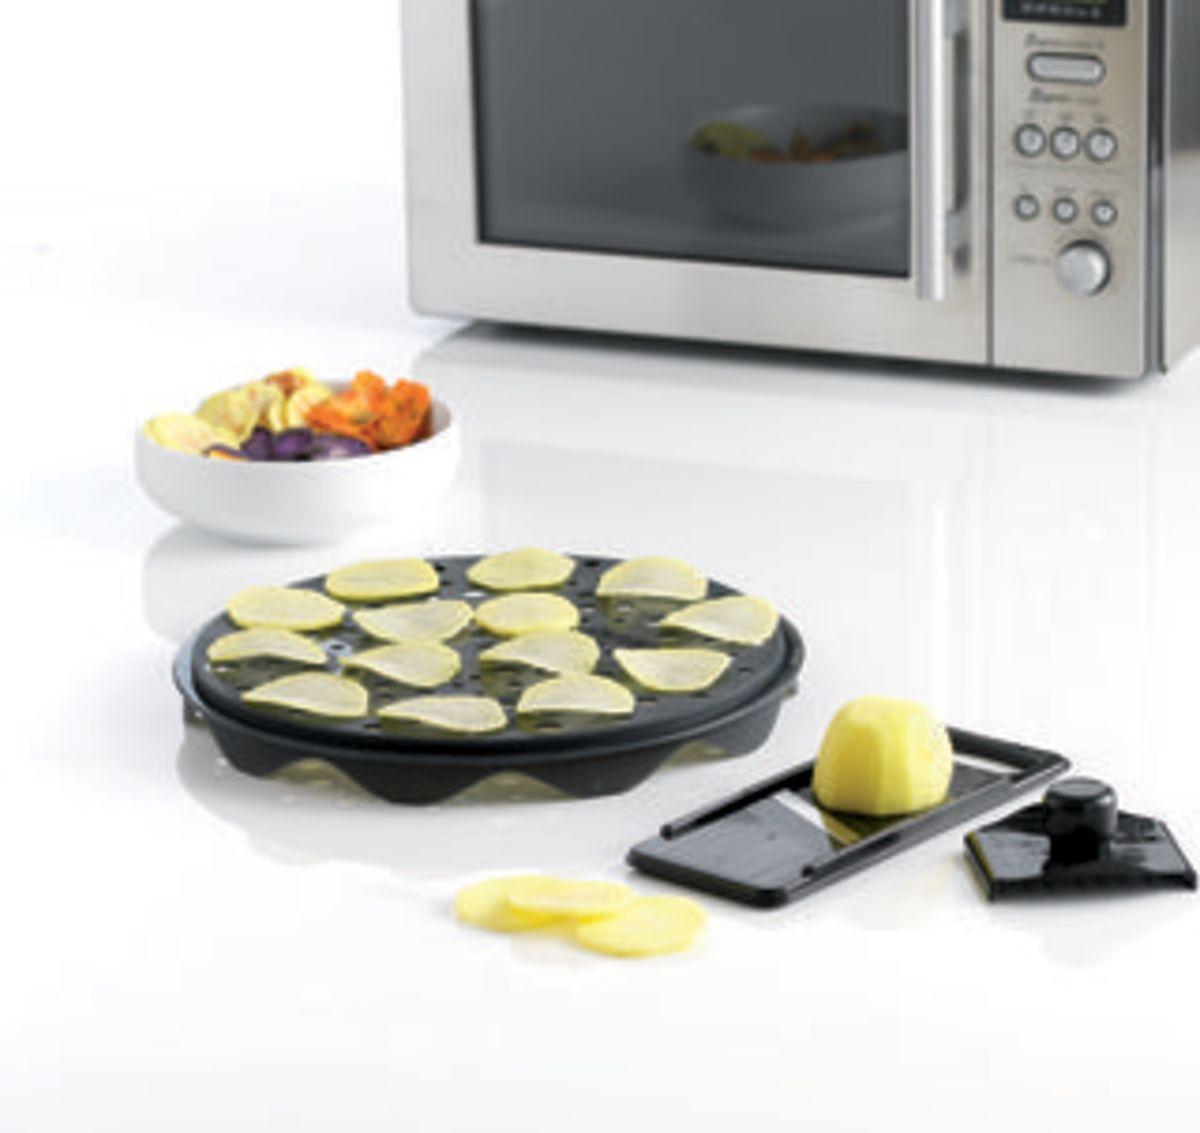 potato chip maker